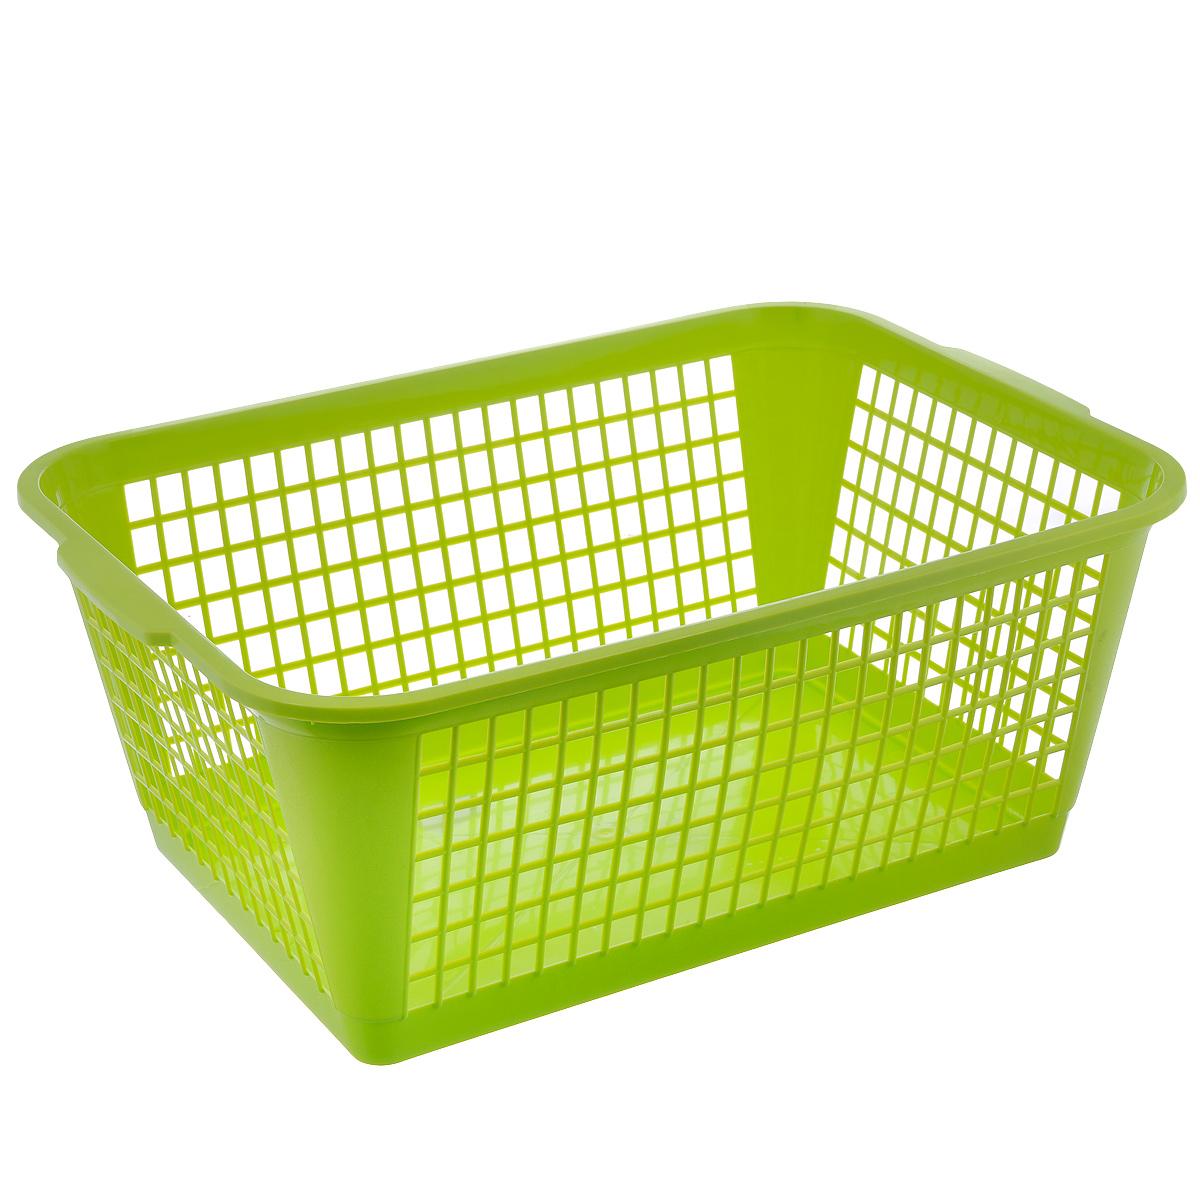 Корзина Gensini, цвет: салатовый, 50 лZ-0307Универсальная корзина Gensini, выполненная из полипропилена, предназначена для хранения мелочей в ванной, на кухне, даче или гараже. Позволяет хранить мелкие вещи, исключая возможность их потери. Легкая воздушная корзина с жесткой кромкой, с узором из отверстий в форме прямоугольников.